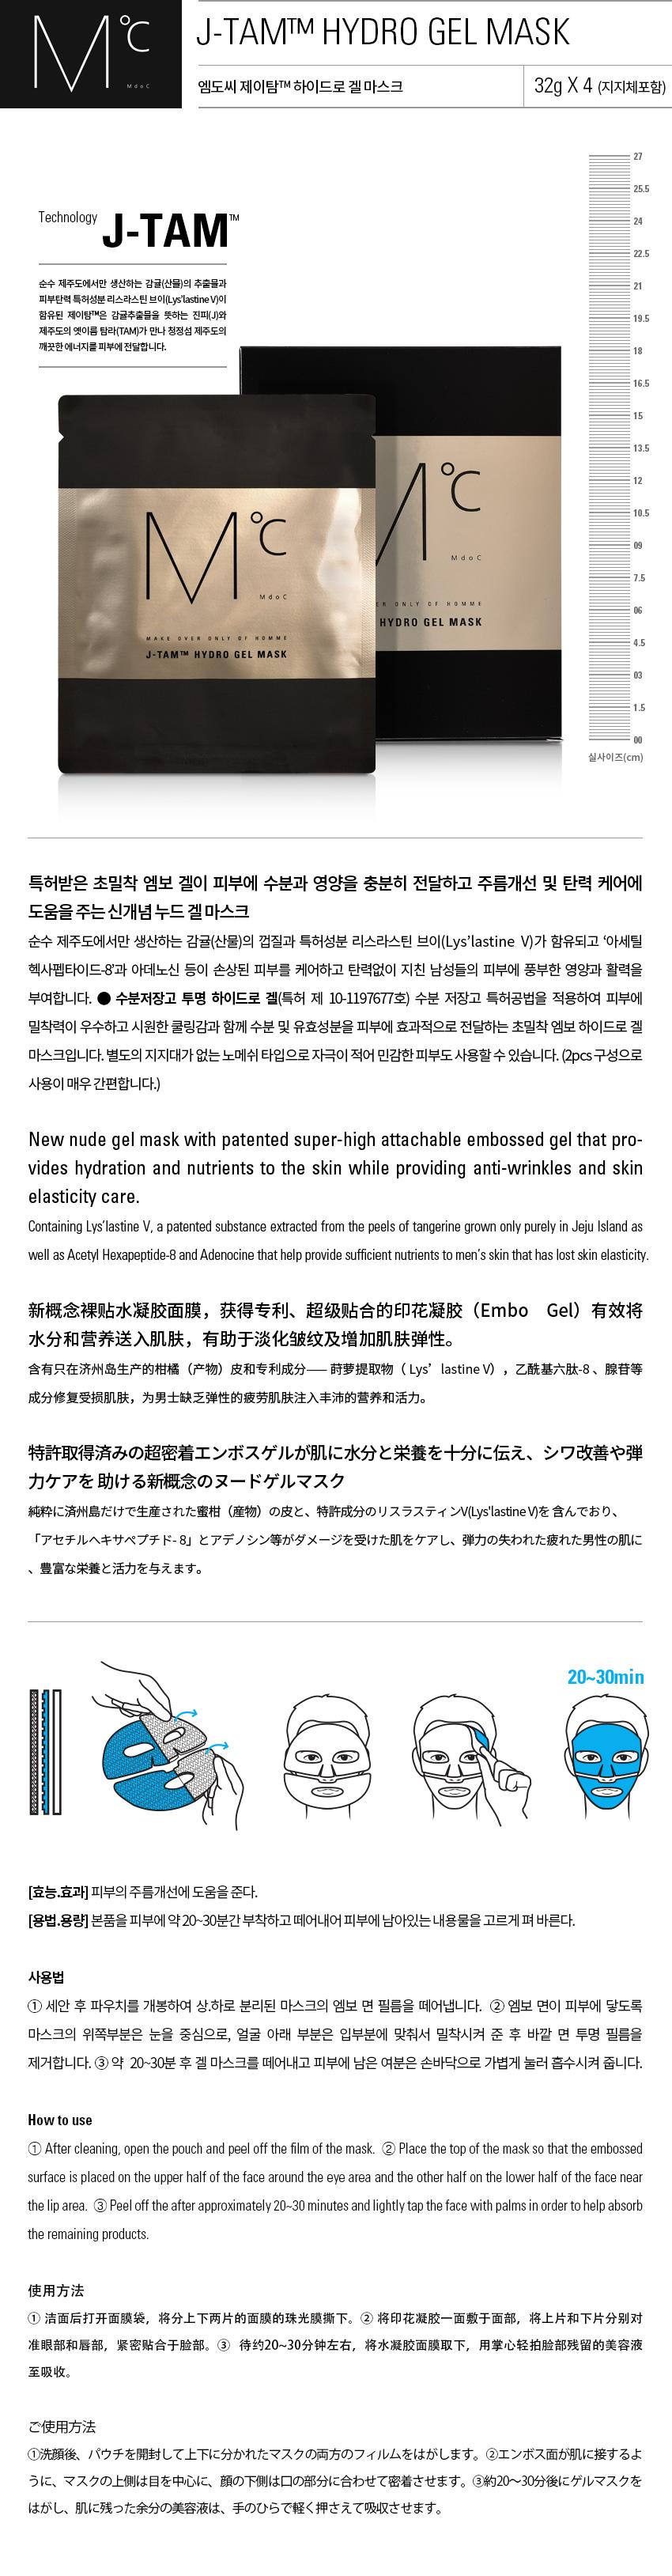 nd_jgm_info.jpg